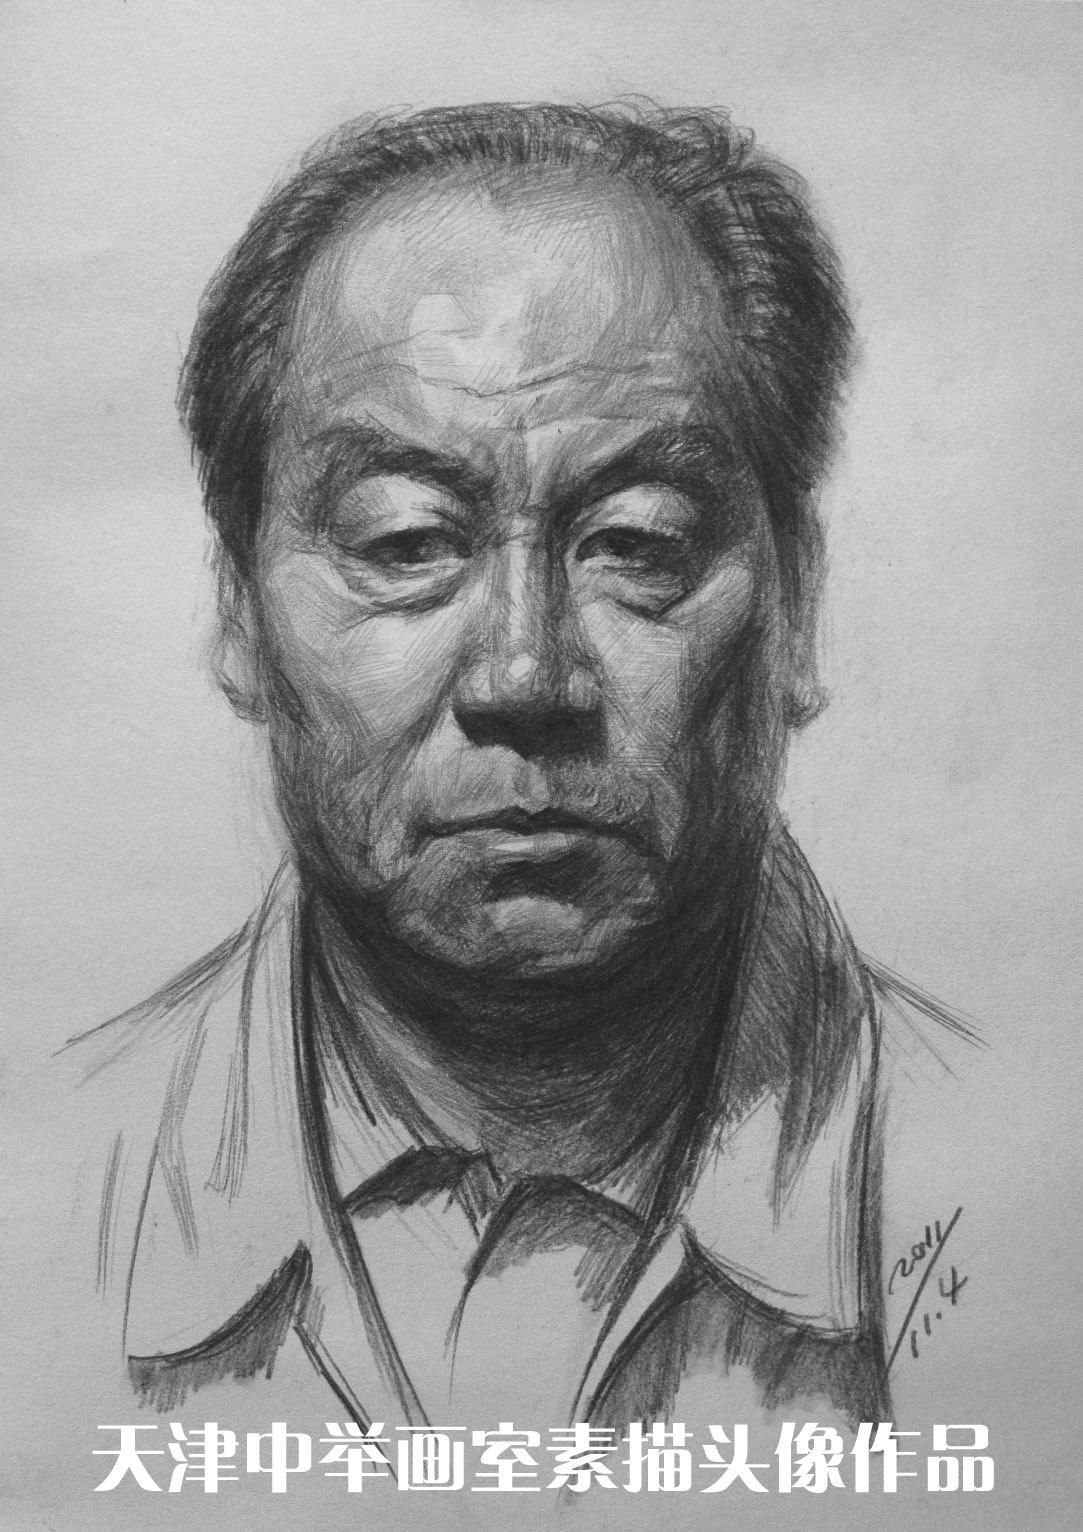 正面老人素描头像写生——天津中举画室高考美术资讯